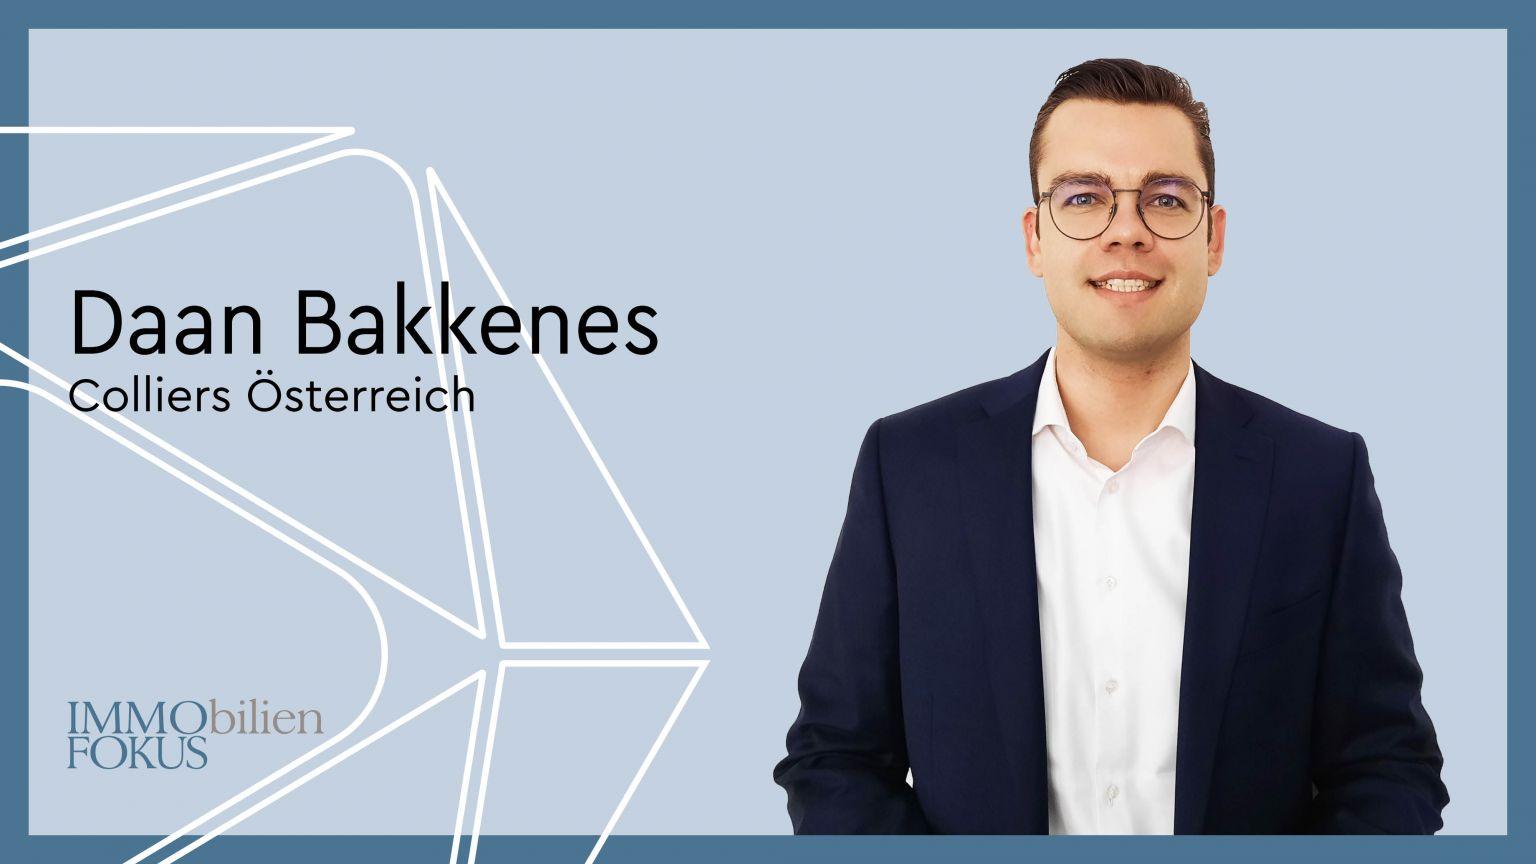 Daan Bakkenes ist neuer Head of Hotels bei Colliers